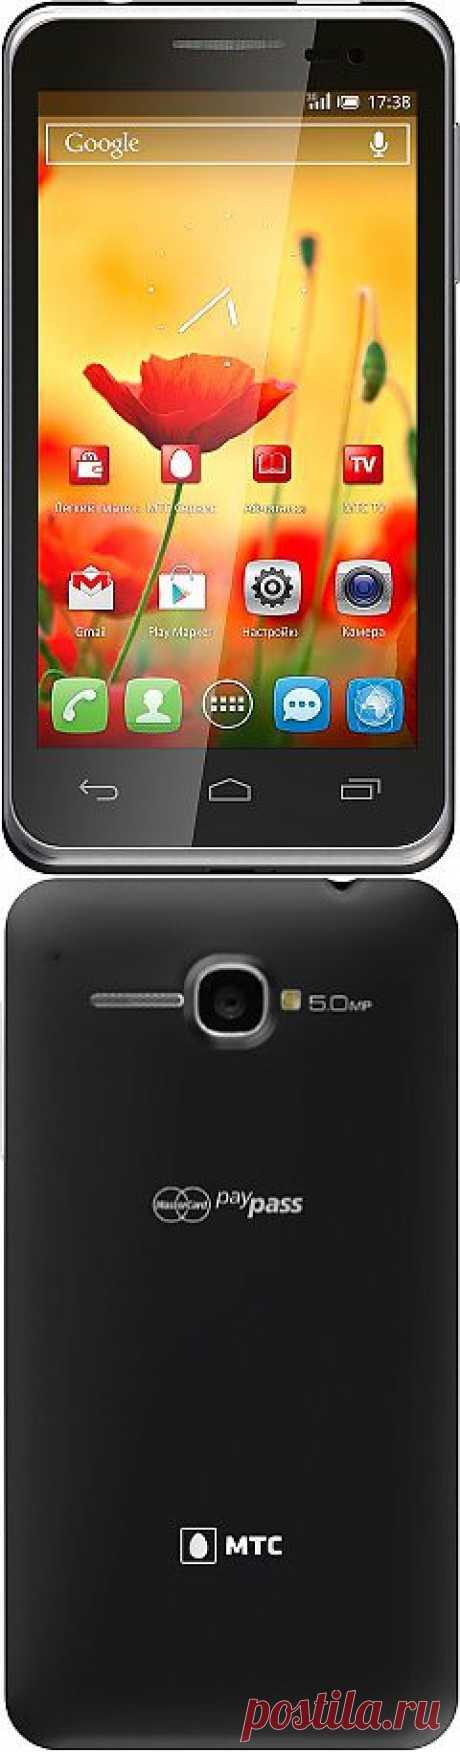 МТС 975 - недорогой смартфон с поддержкой NFС | Мобильные новости